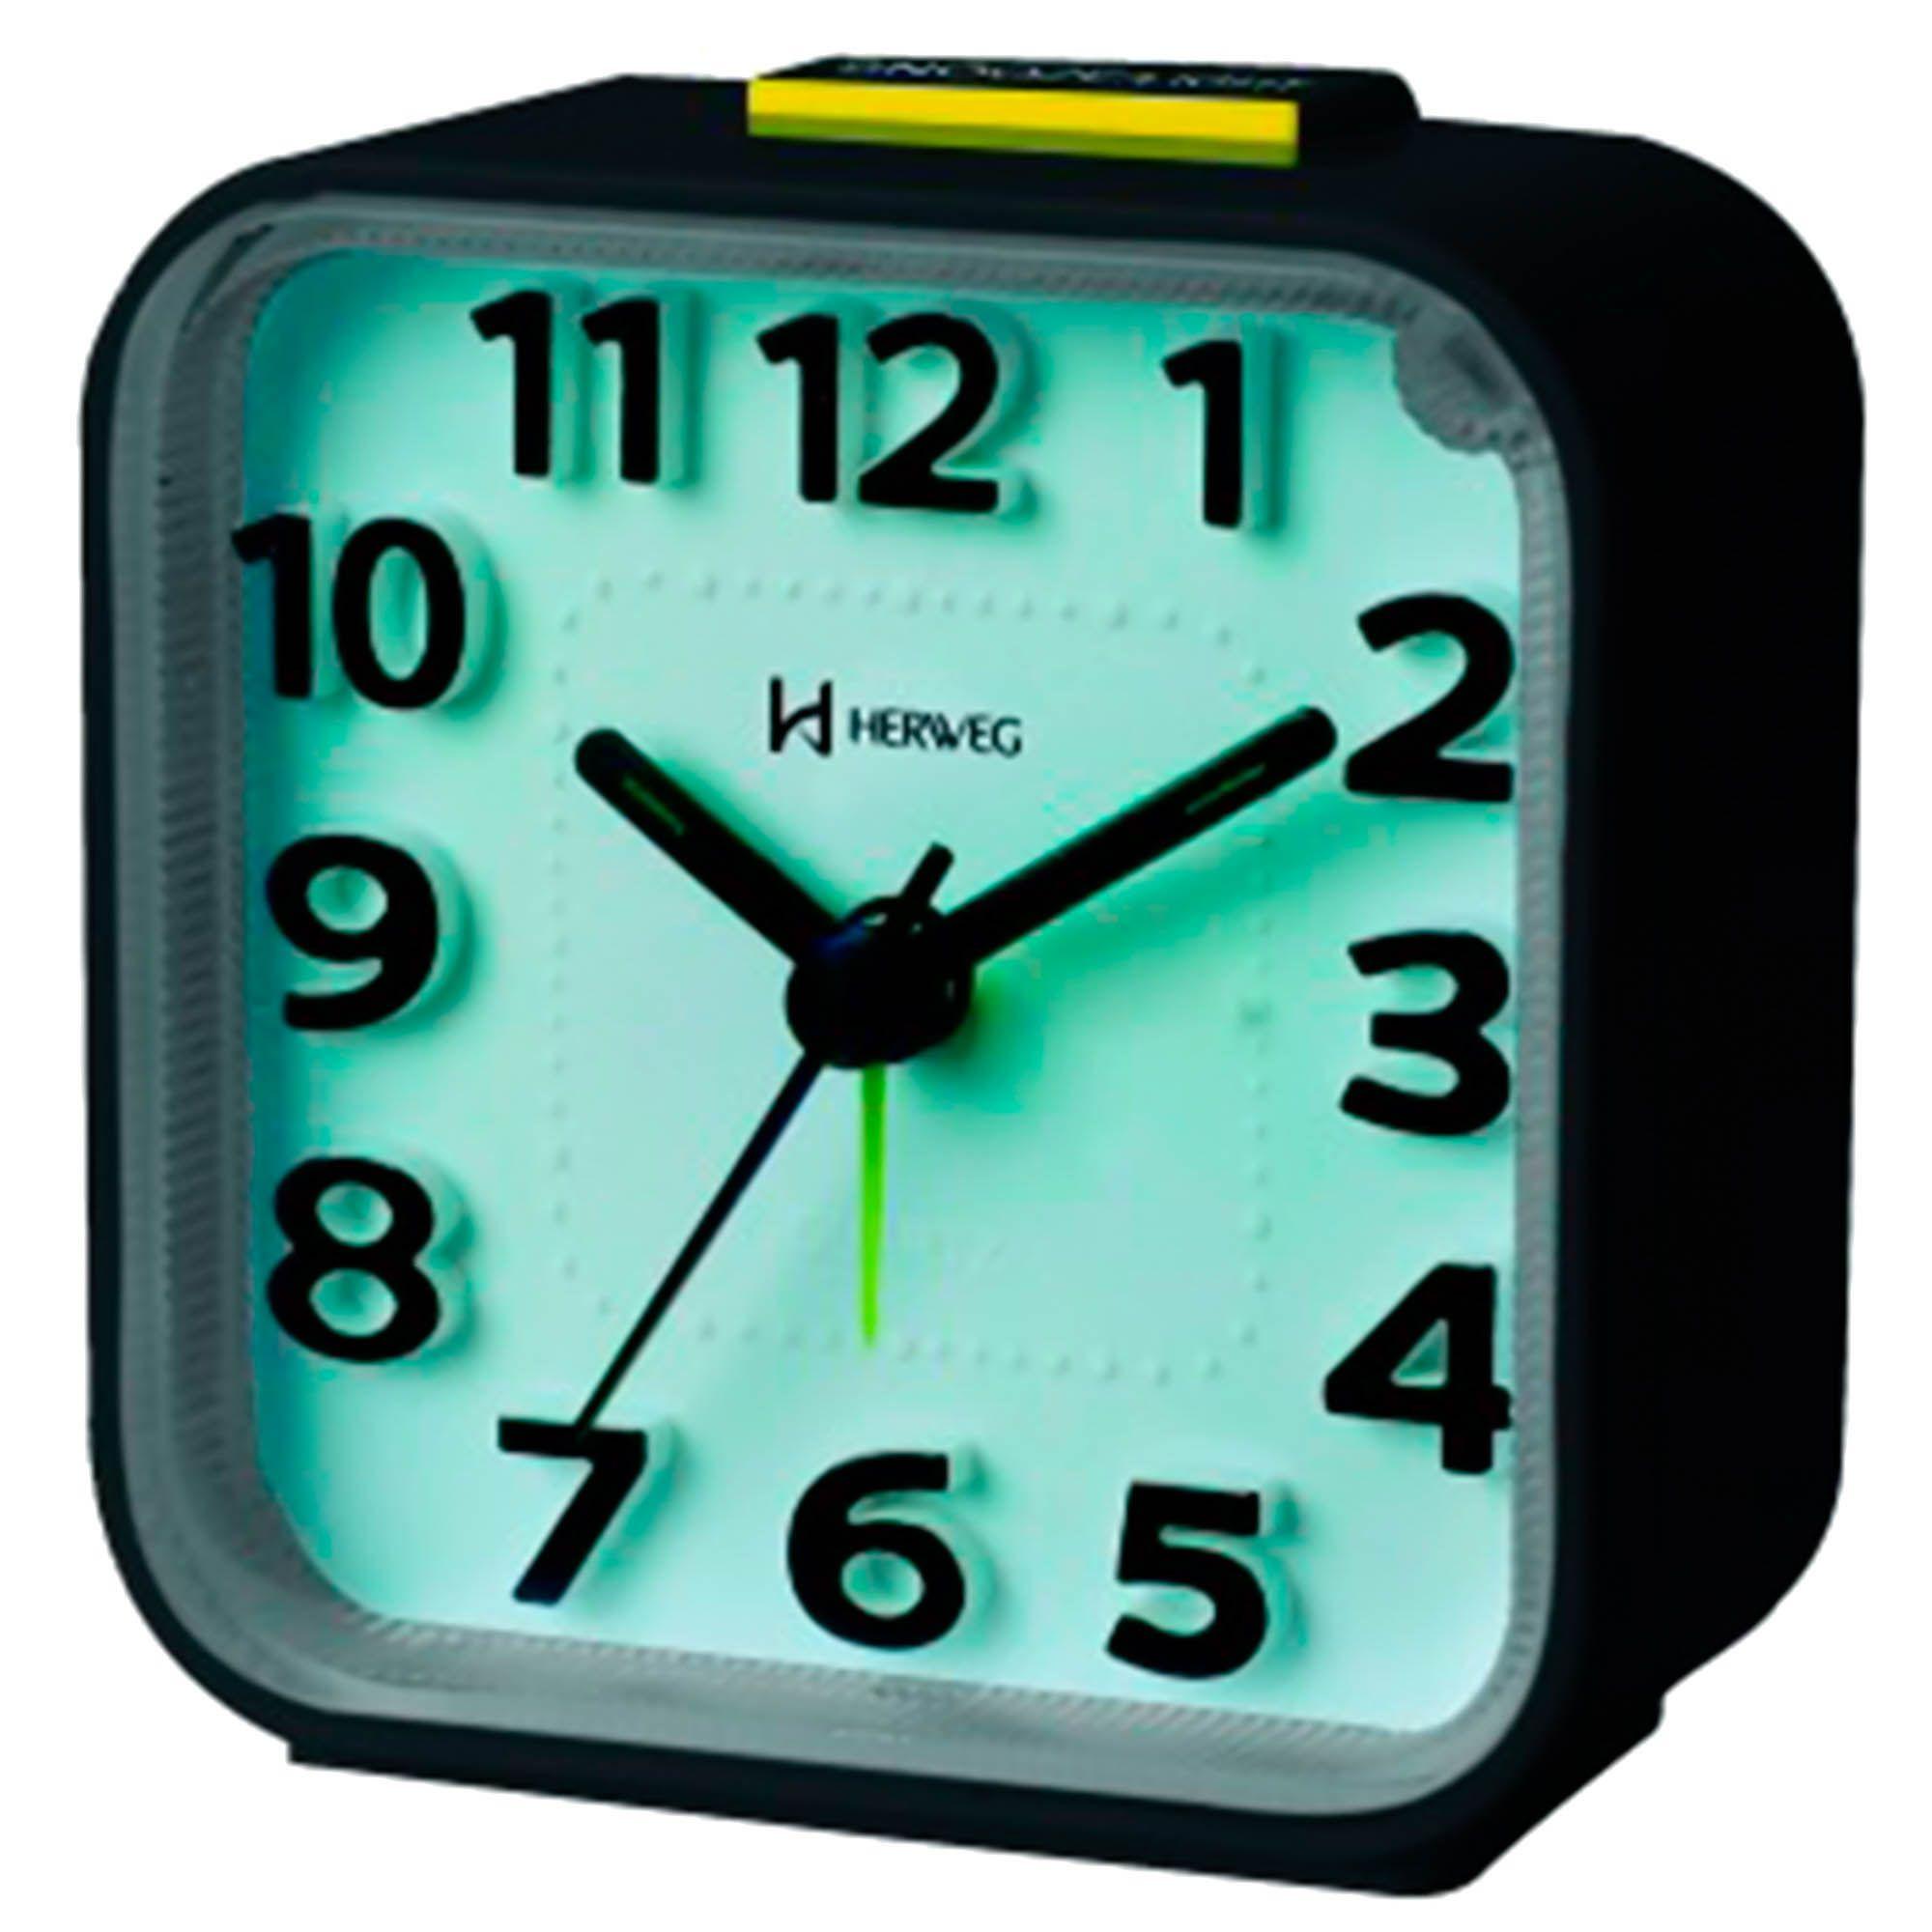 Despertador Analógico Quartzo Herweg 2706 034 Preto